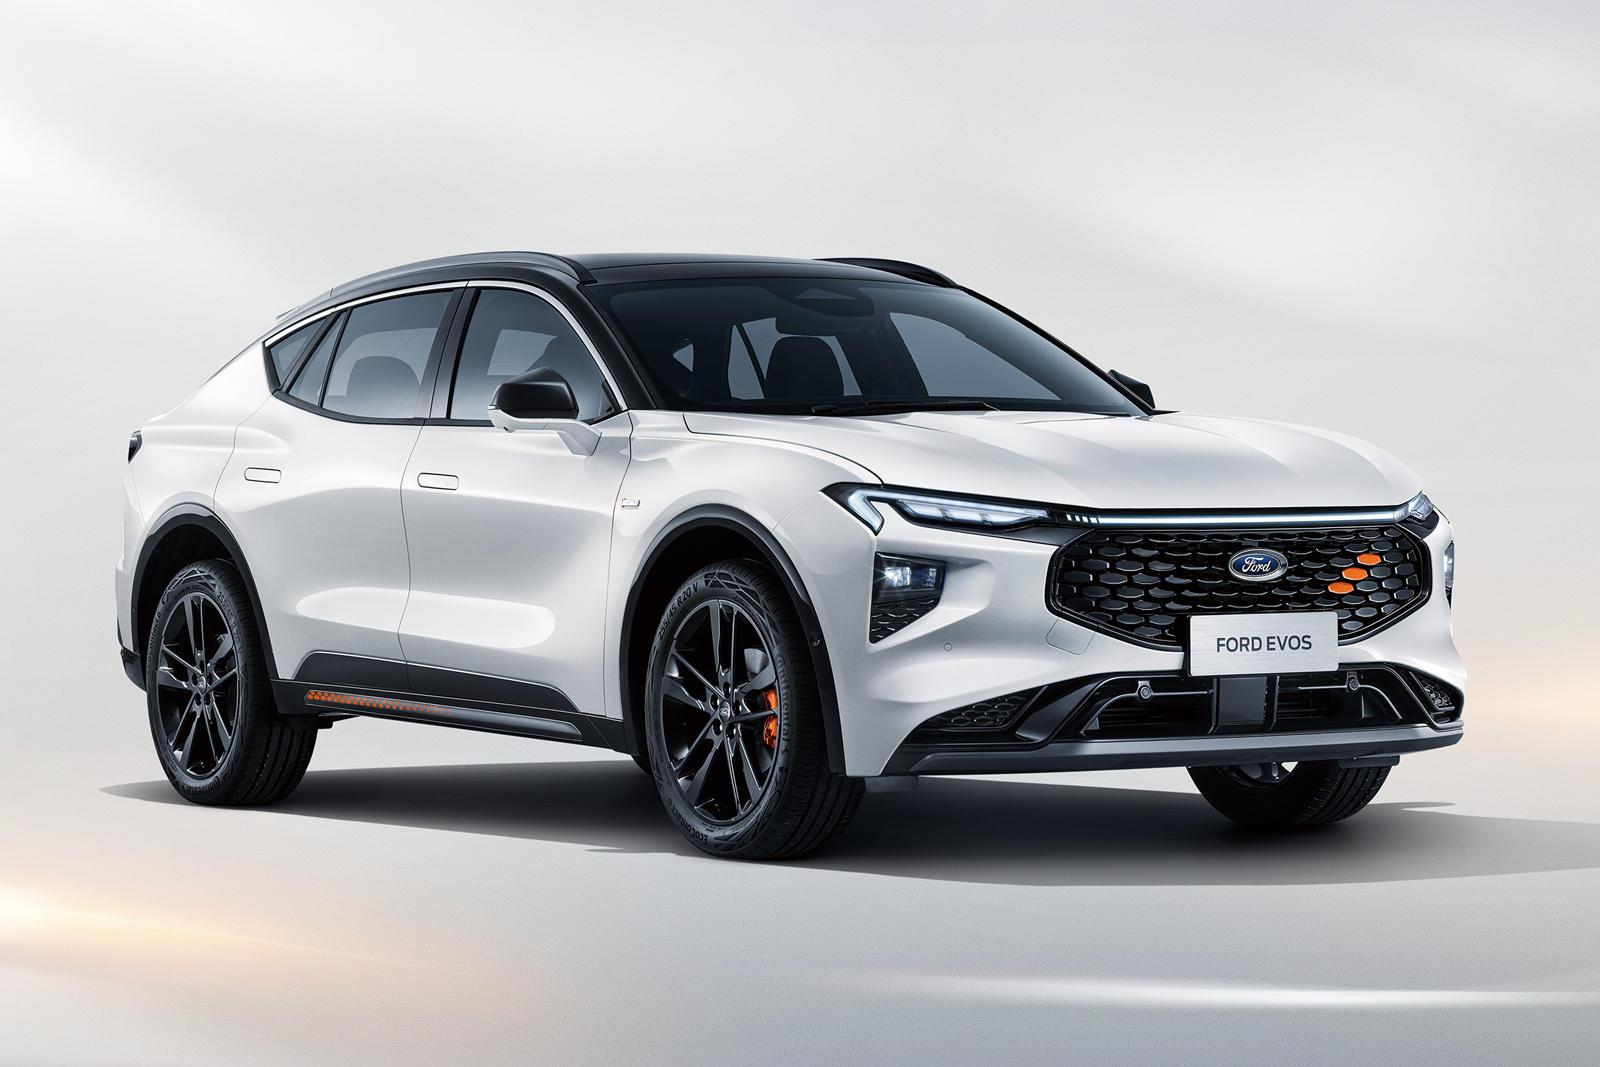 Теоретически Evos могут заменить все эти автомобили, предоставив Ford экономичное решение (и что-то вроде конкурента Subaru Outback).